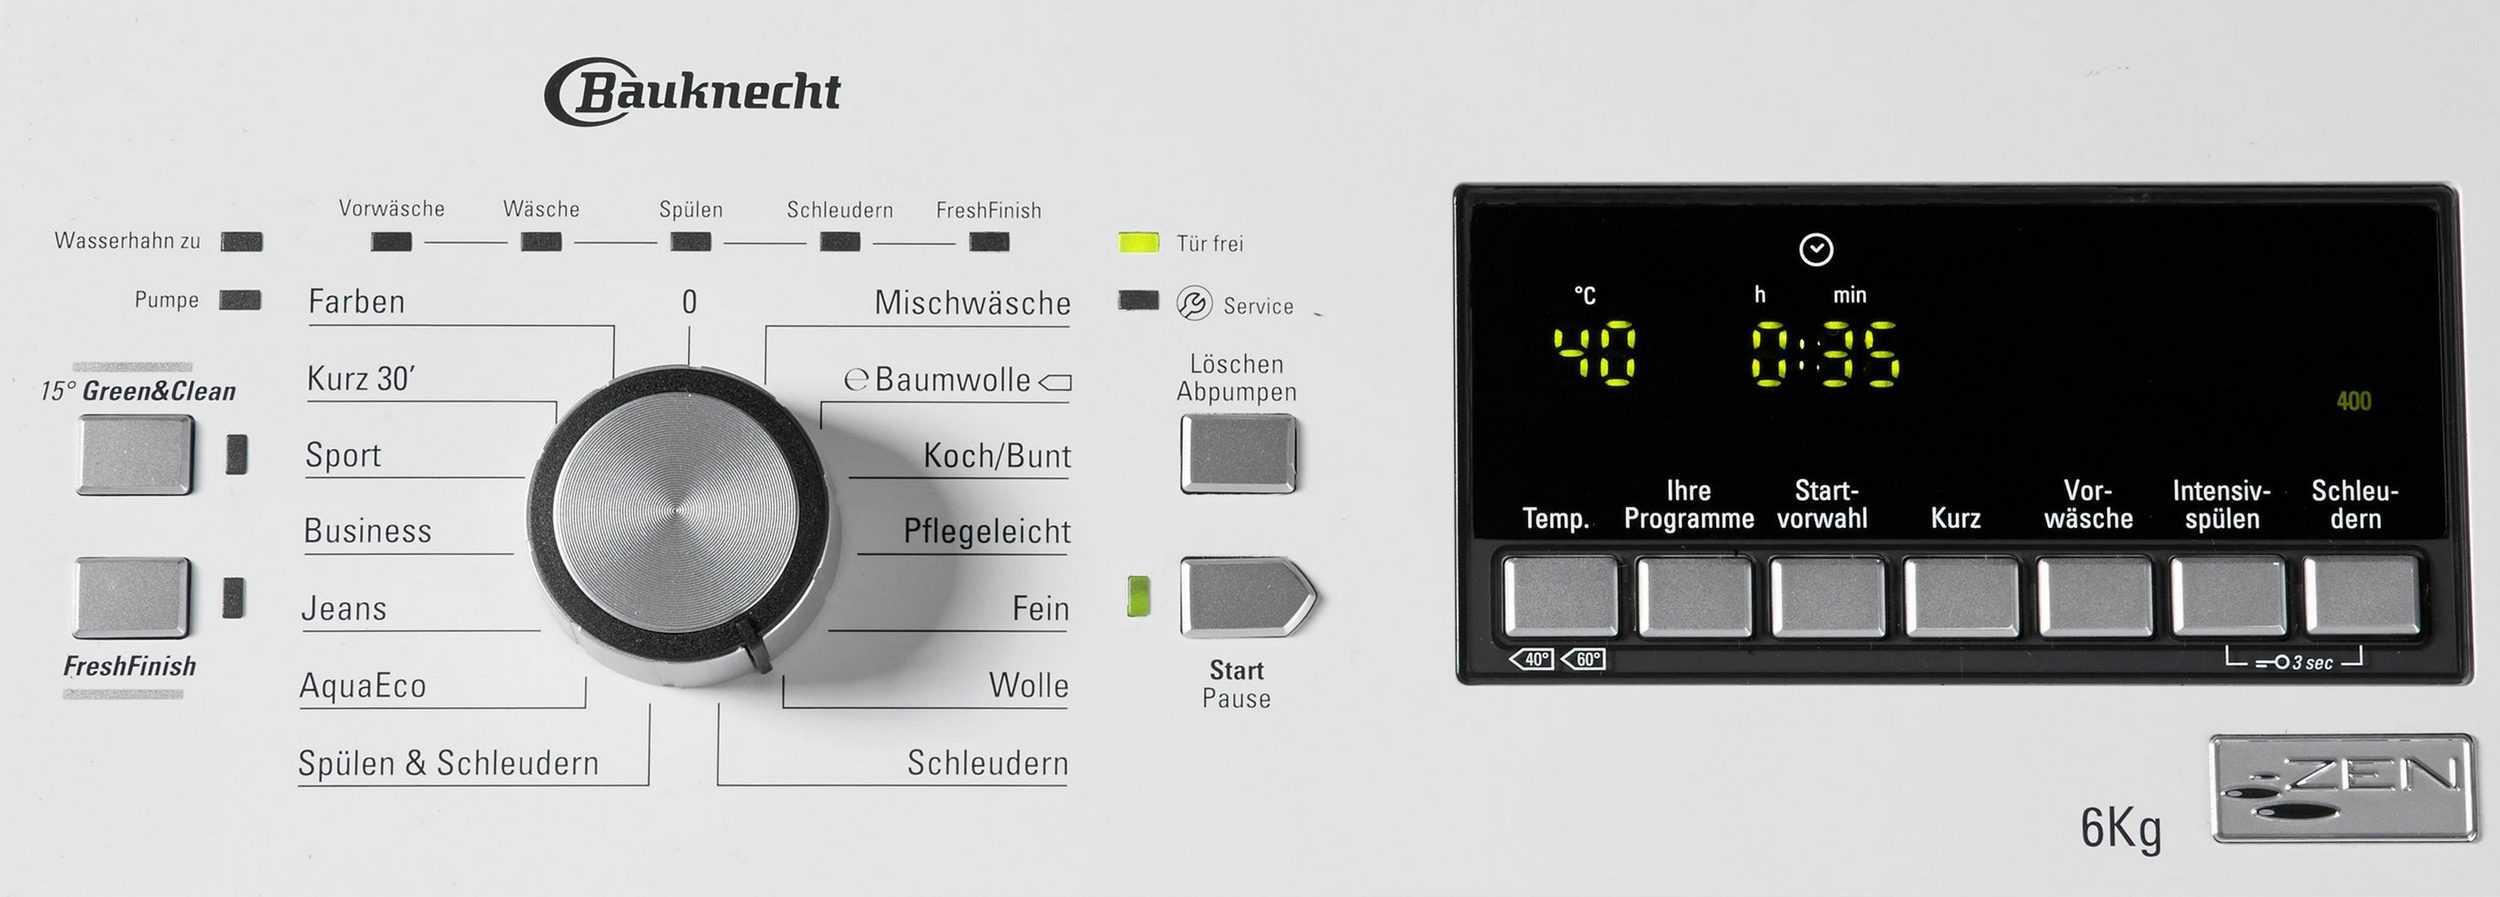 Bauknecht Wat 652 Z Waschmaschine Im Test 022019